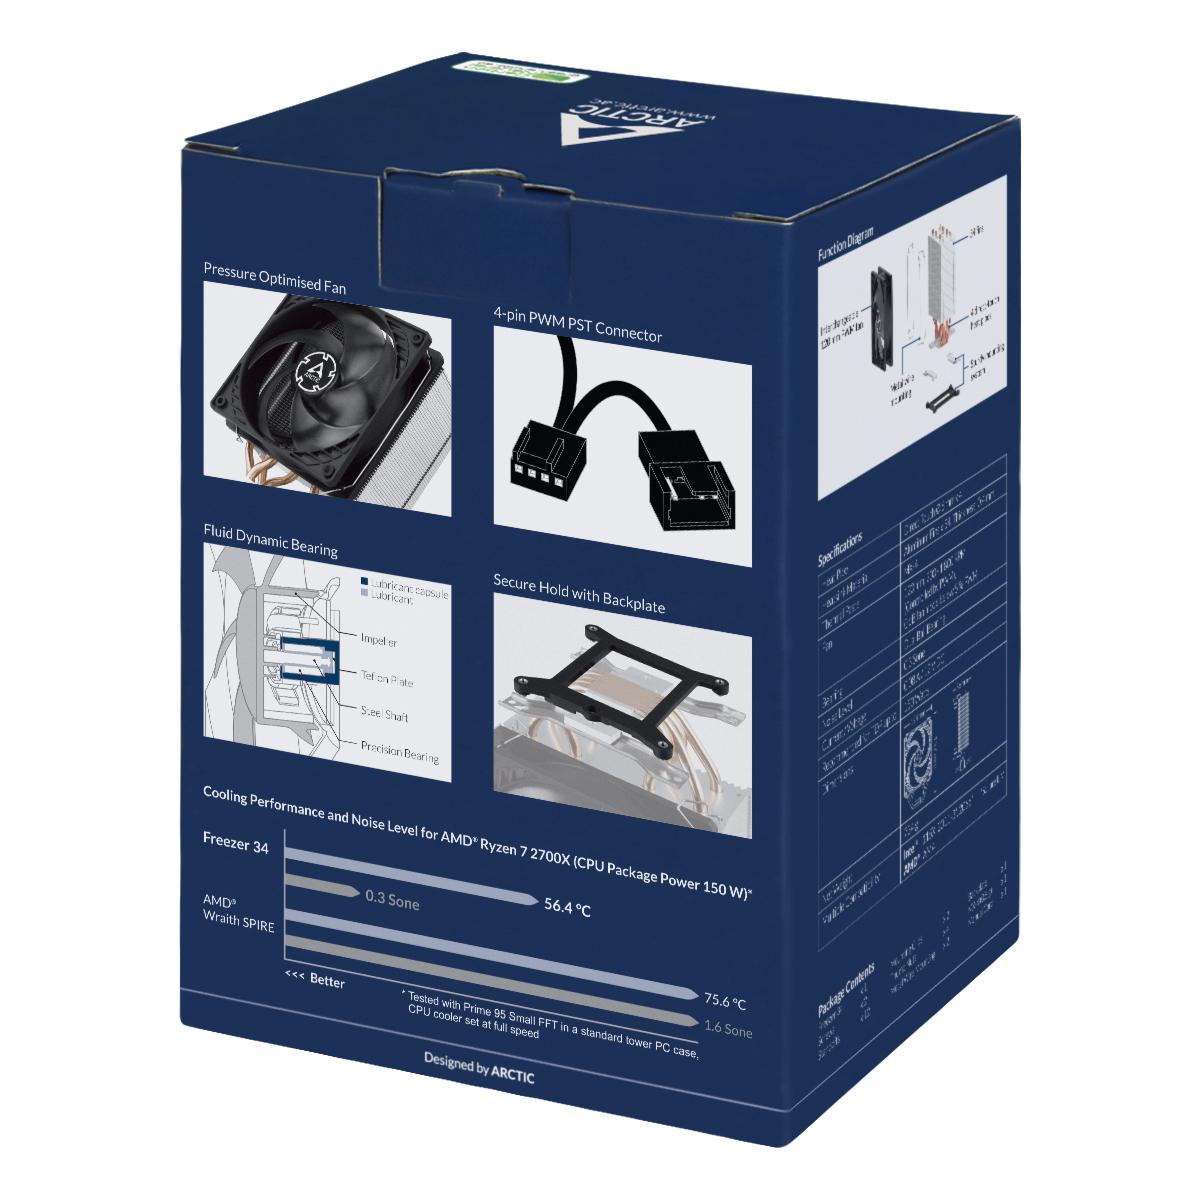 Tower CPU-Kühler mit 120 mm P-Lüfter ARCTIC Freezer 34 Produktverpackung Rückansicht